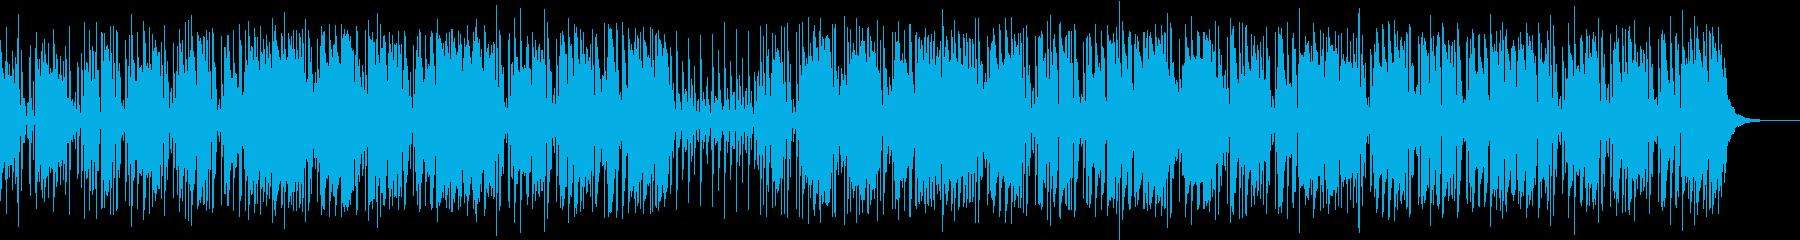 ブルージーな雰囲気の短いインストゥ...の再生済みの波形